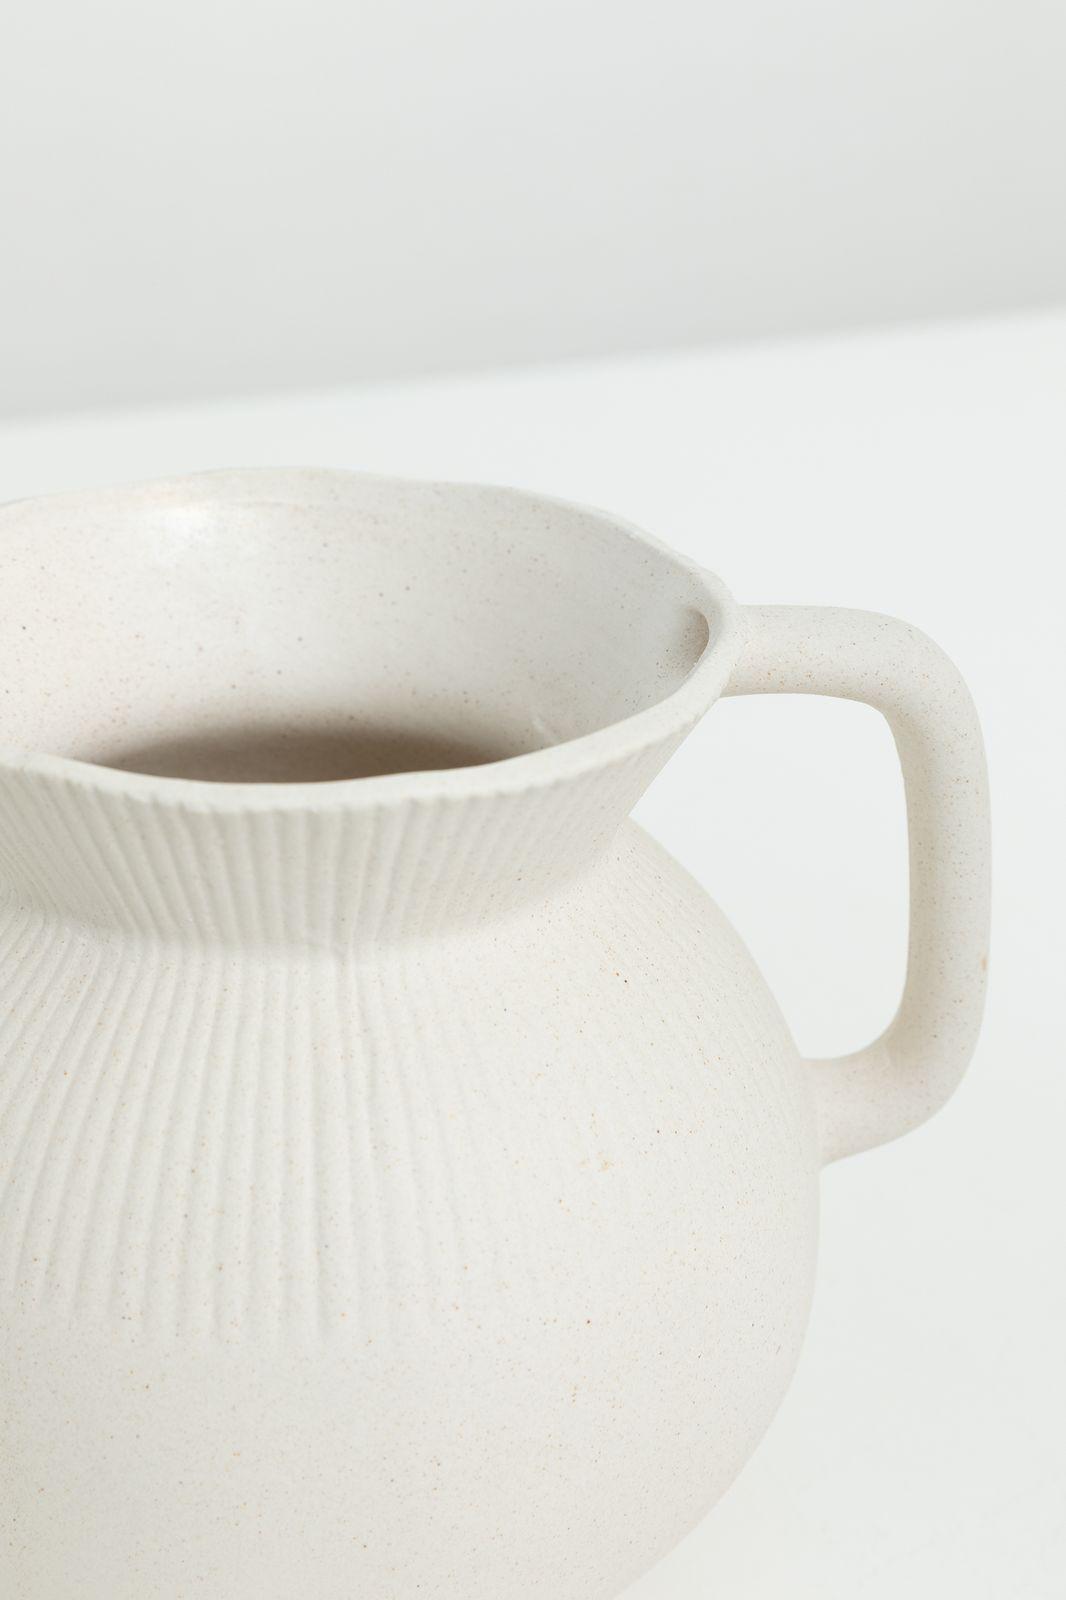 Beige poseleinen vaas